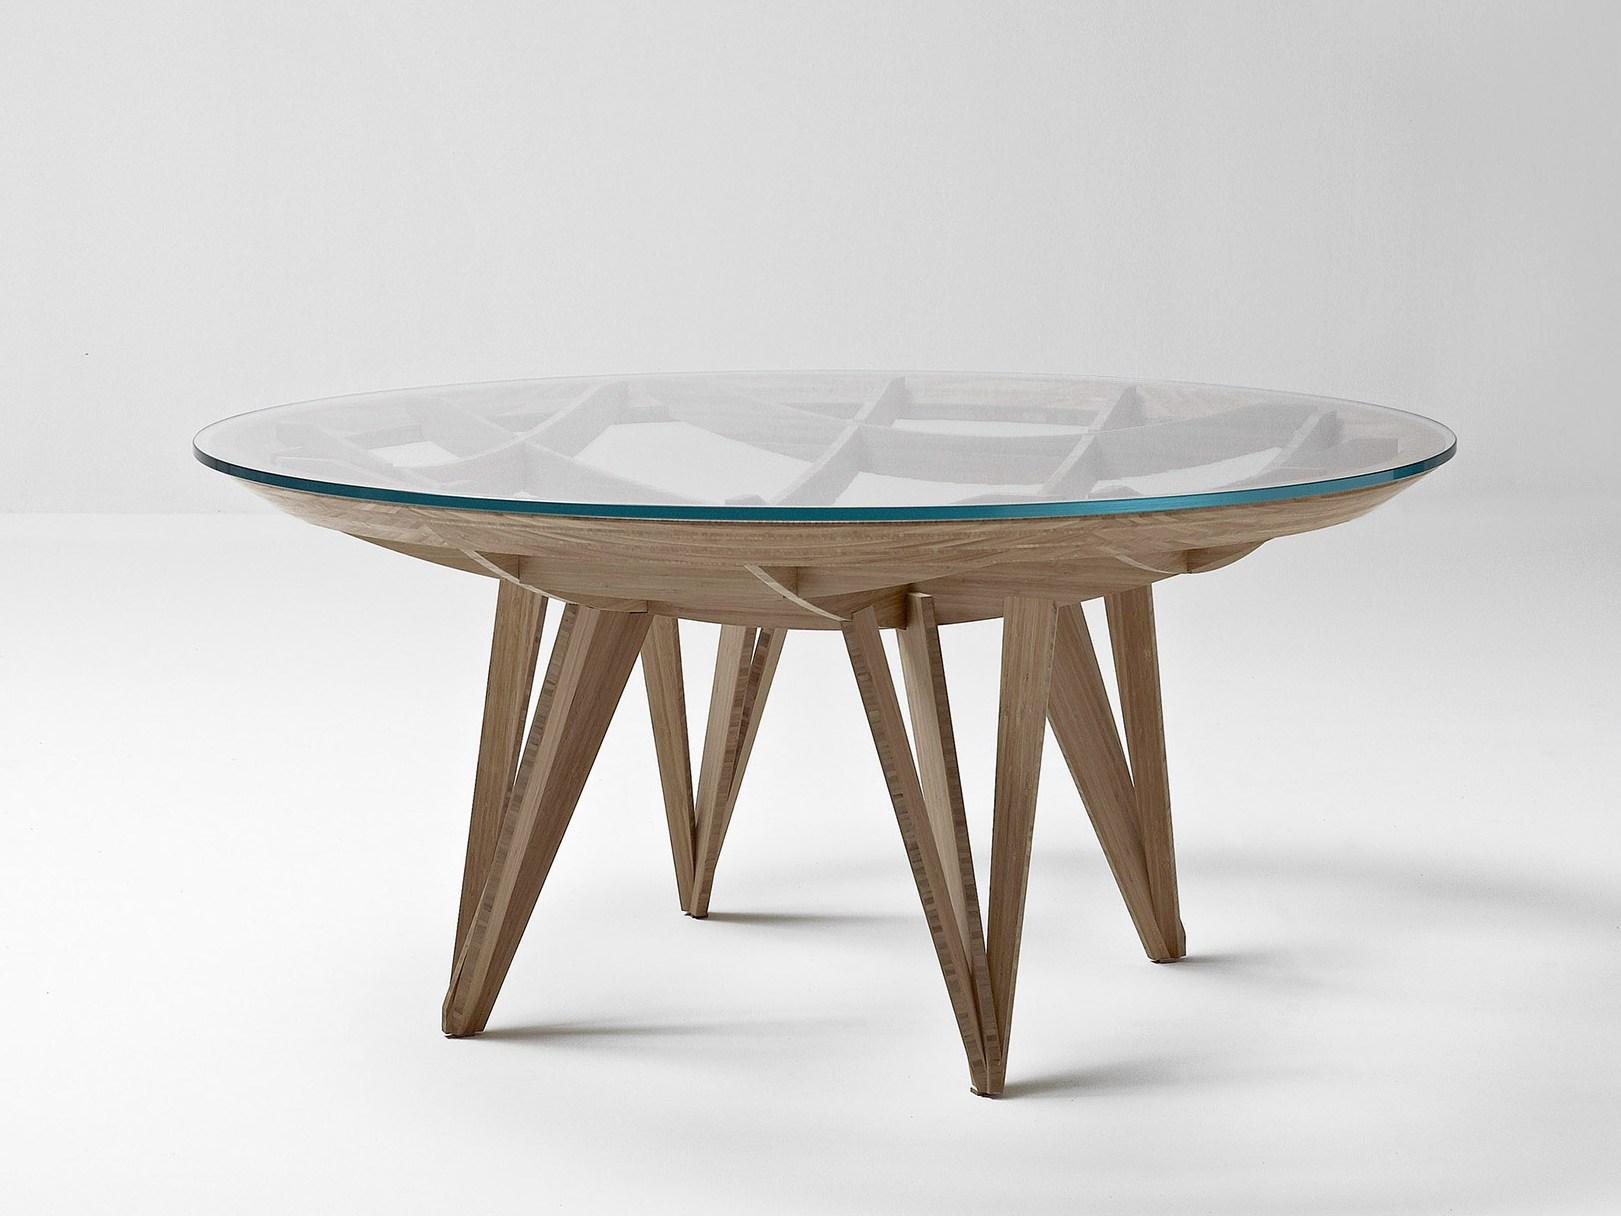 Модный круглый стол из дерева и стекла